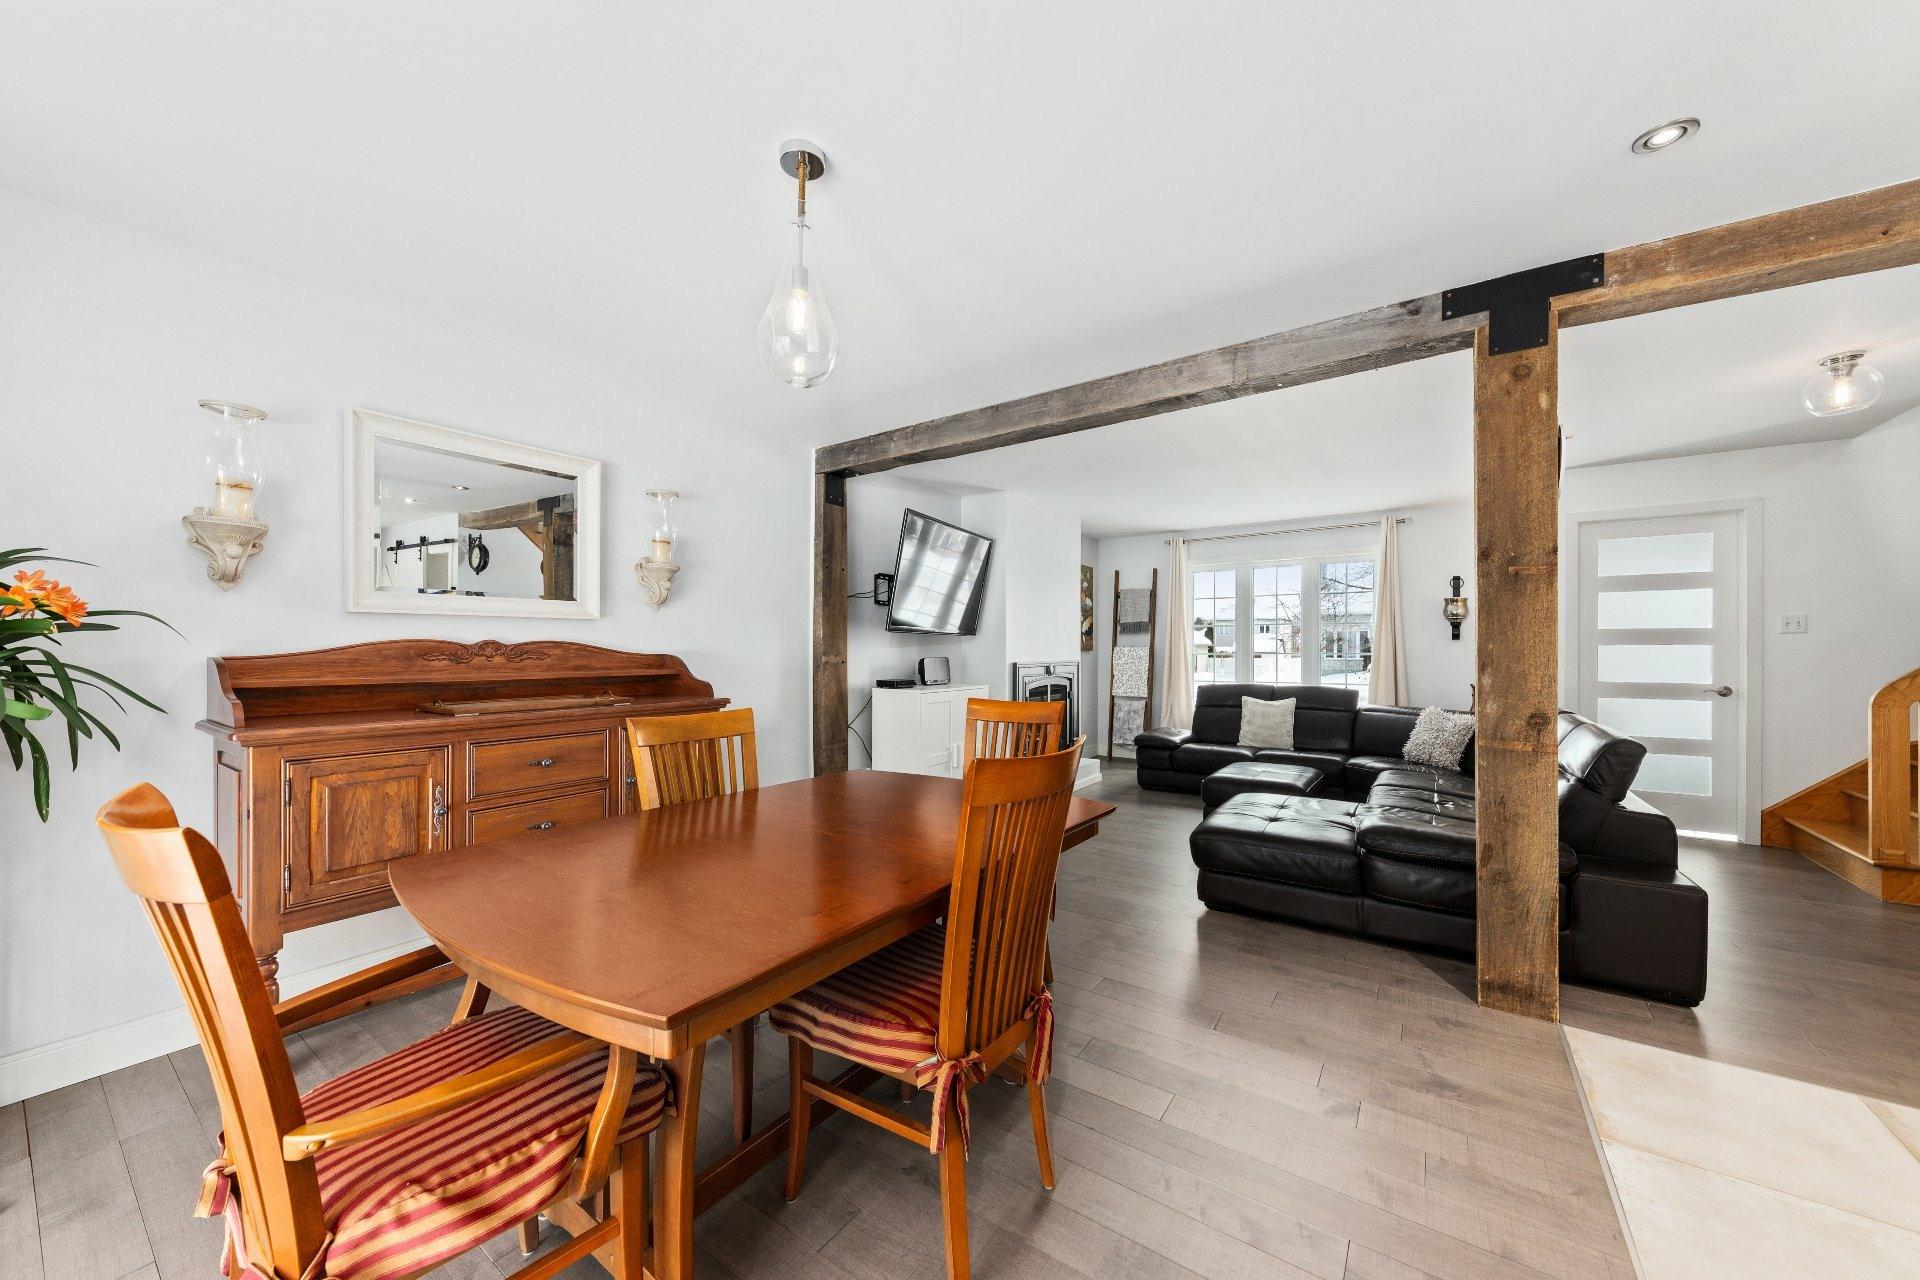 image 9 - Maison À vendre Coteau-du-Lac - 10 pièces